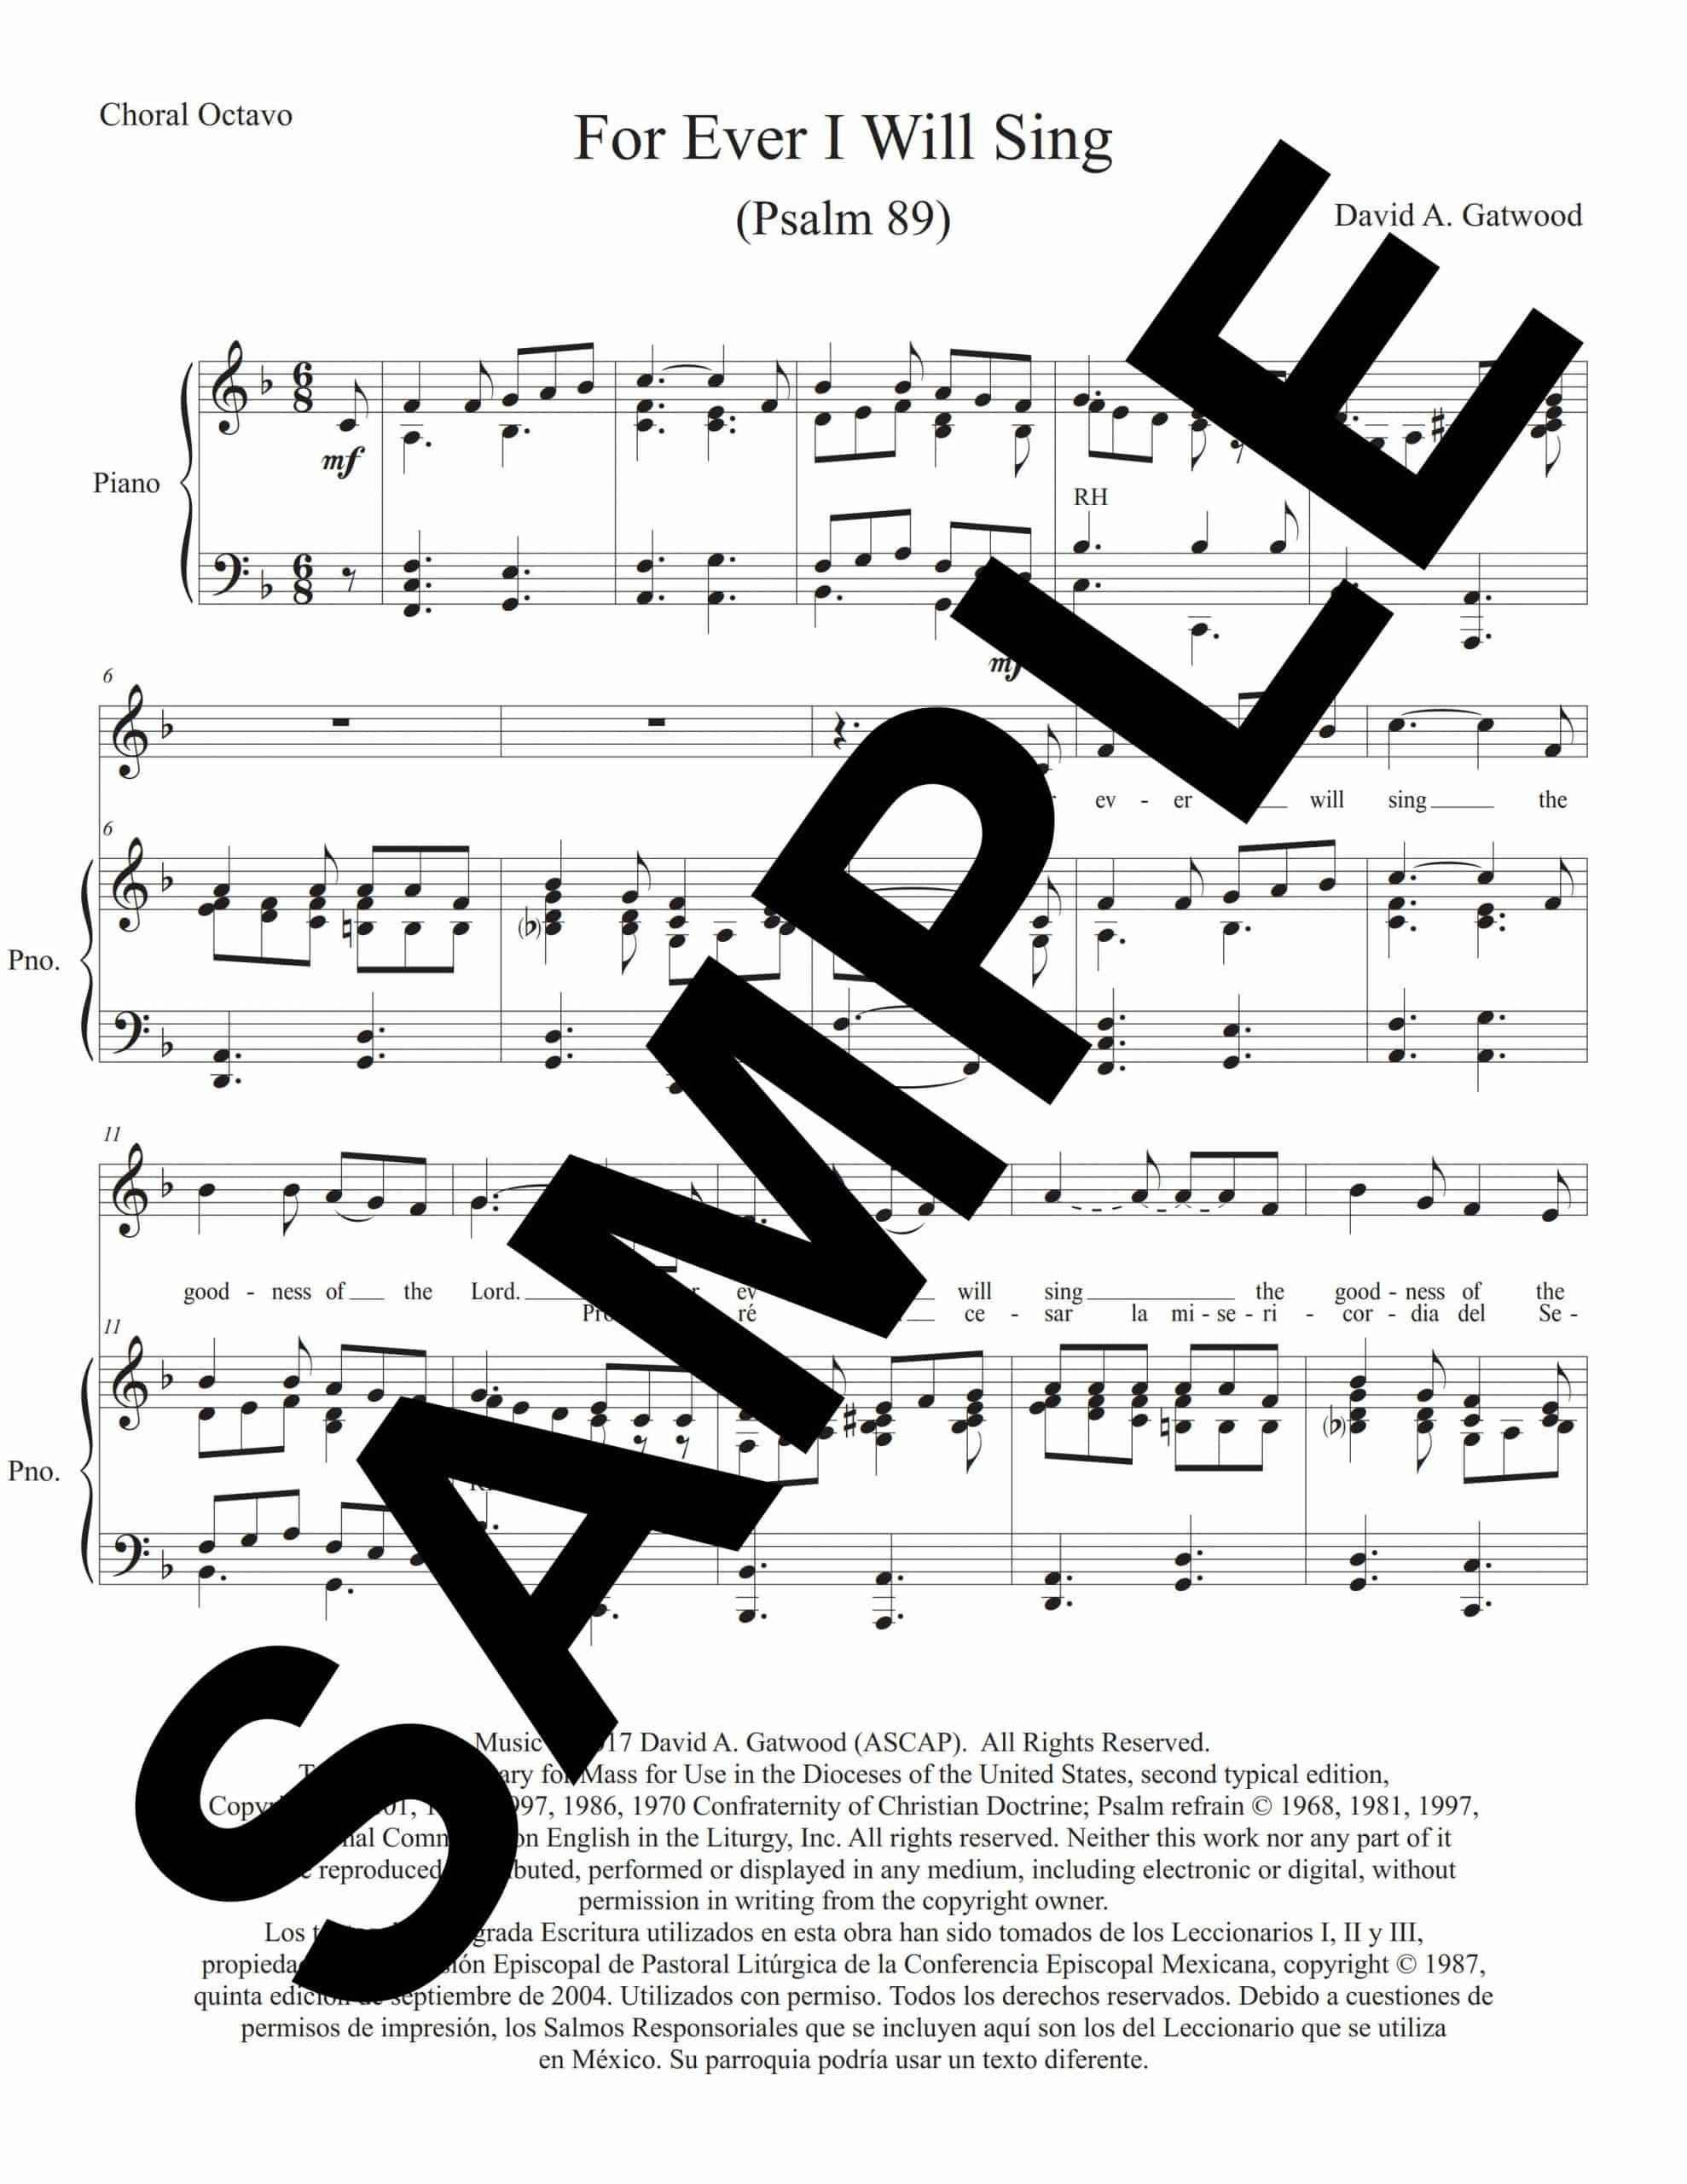 Psalm 89 Chrism Gatwood Sample Octavo scaled